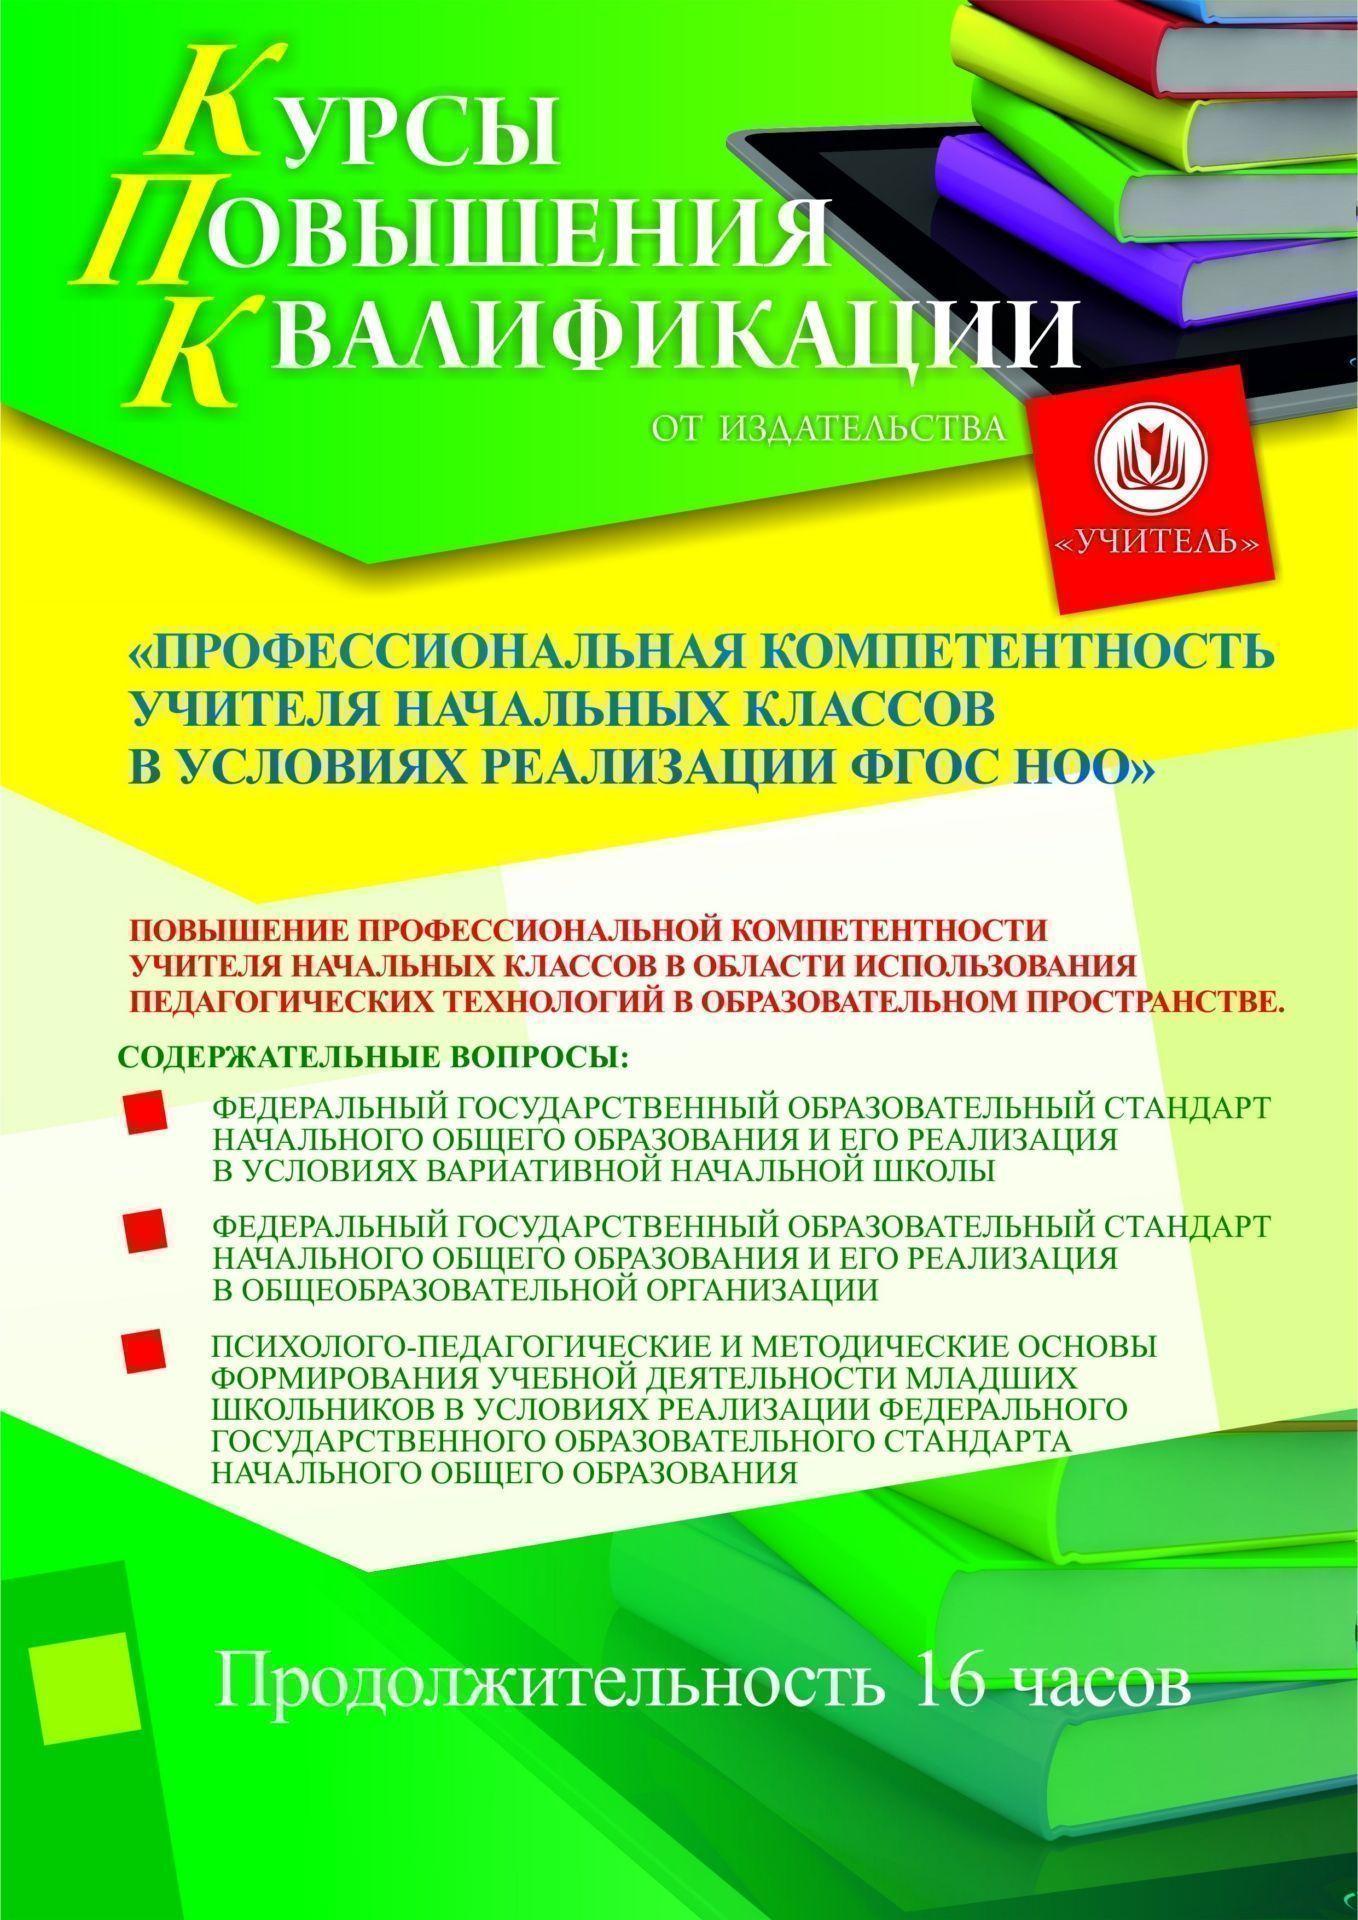 Профессиональная компетентность учителя начальных классов в условиях реализации ФГОС НОО (16 ч.) Учитель